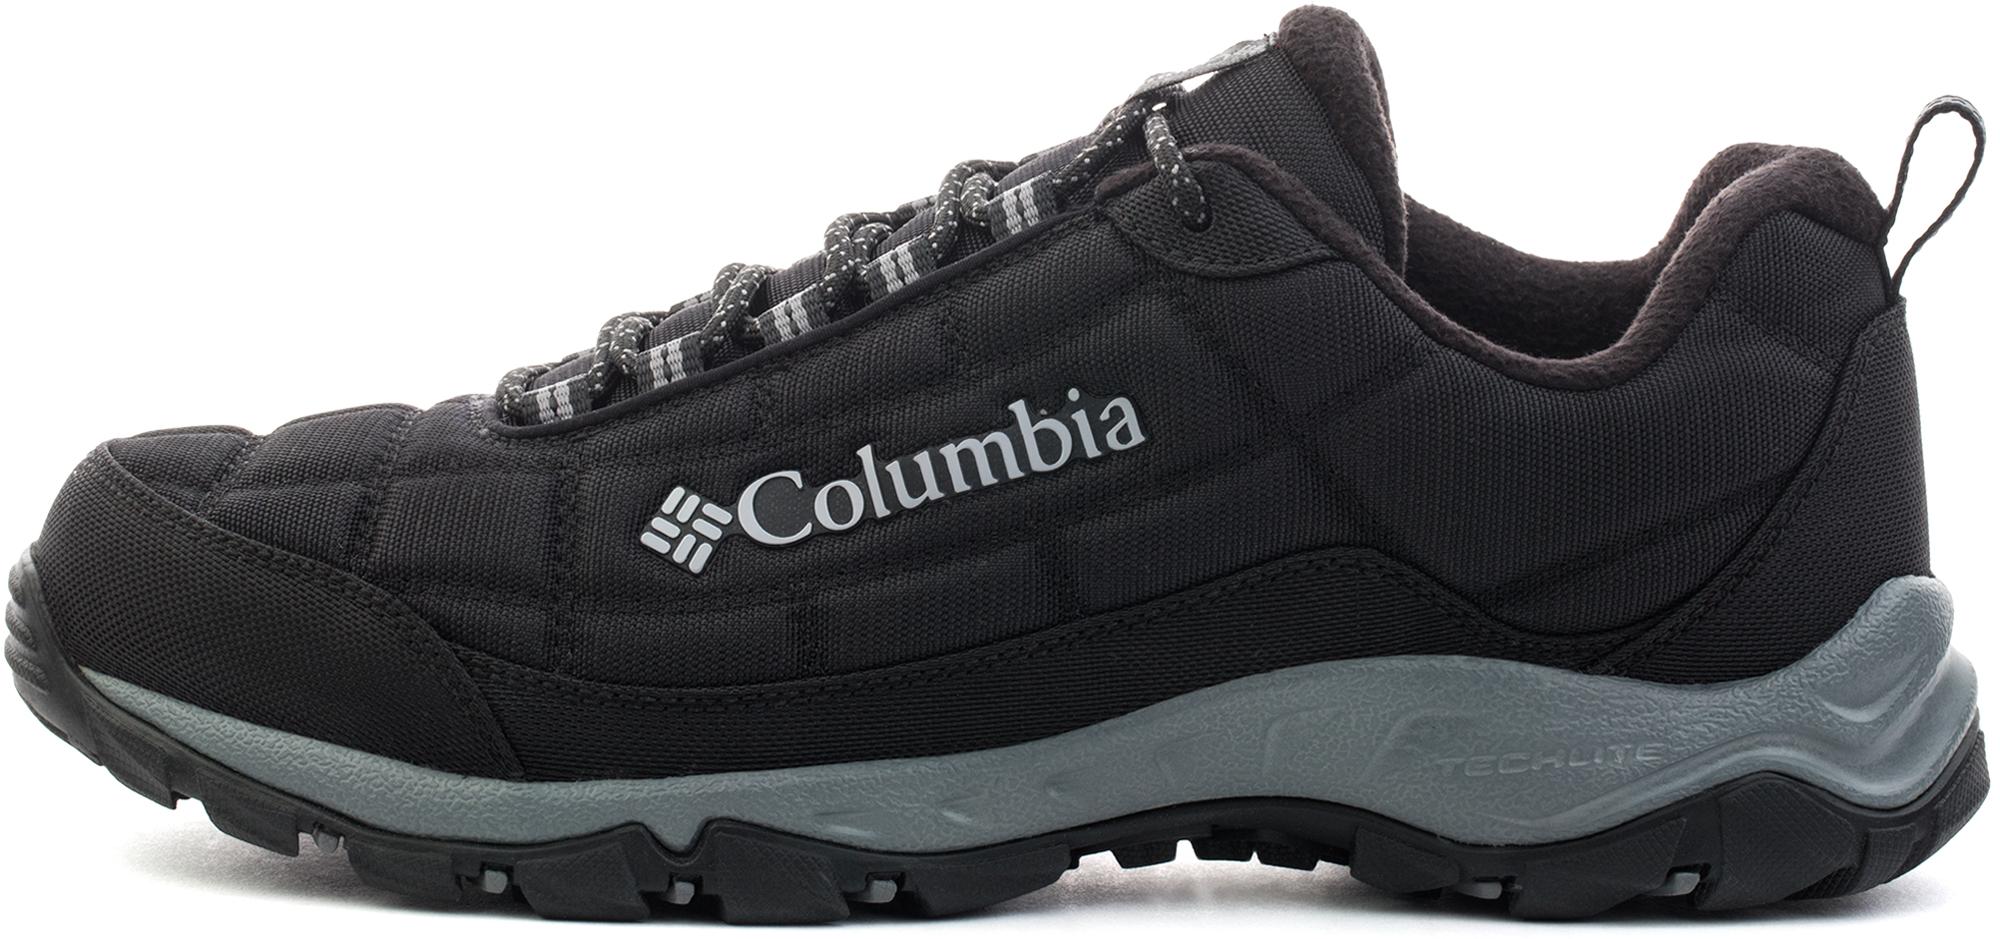 Columbia Ботинки мужские Columbia Firecamp, размер 46,5 цена